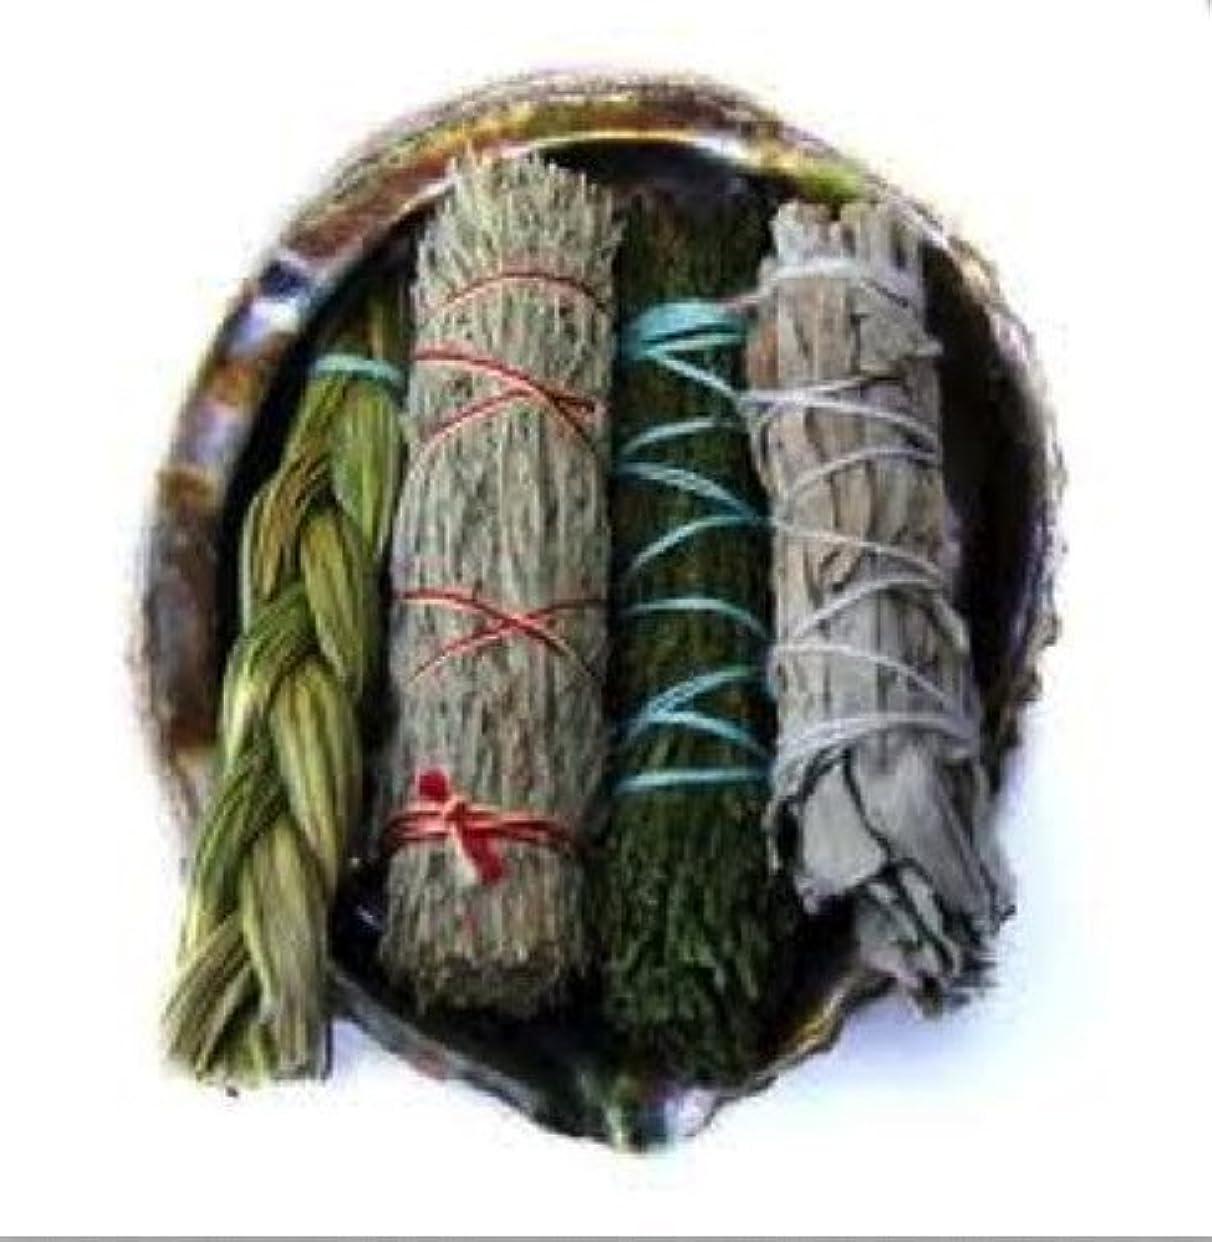 ヨーグルト慣らす骨折Offerings SmudgeキットIncludes Large Abaloneシェル、Sweetgrass三つ編み、ホワイトセージ、砂漠セージ、CedarセージSticks Plus砂